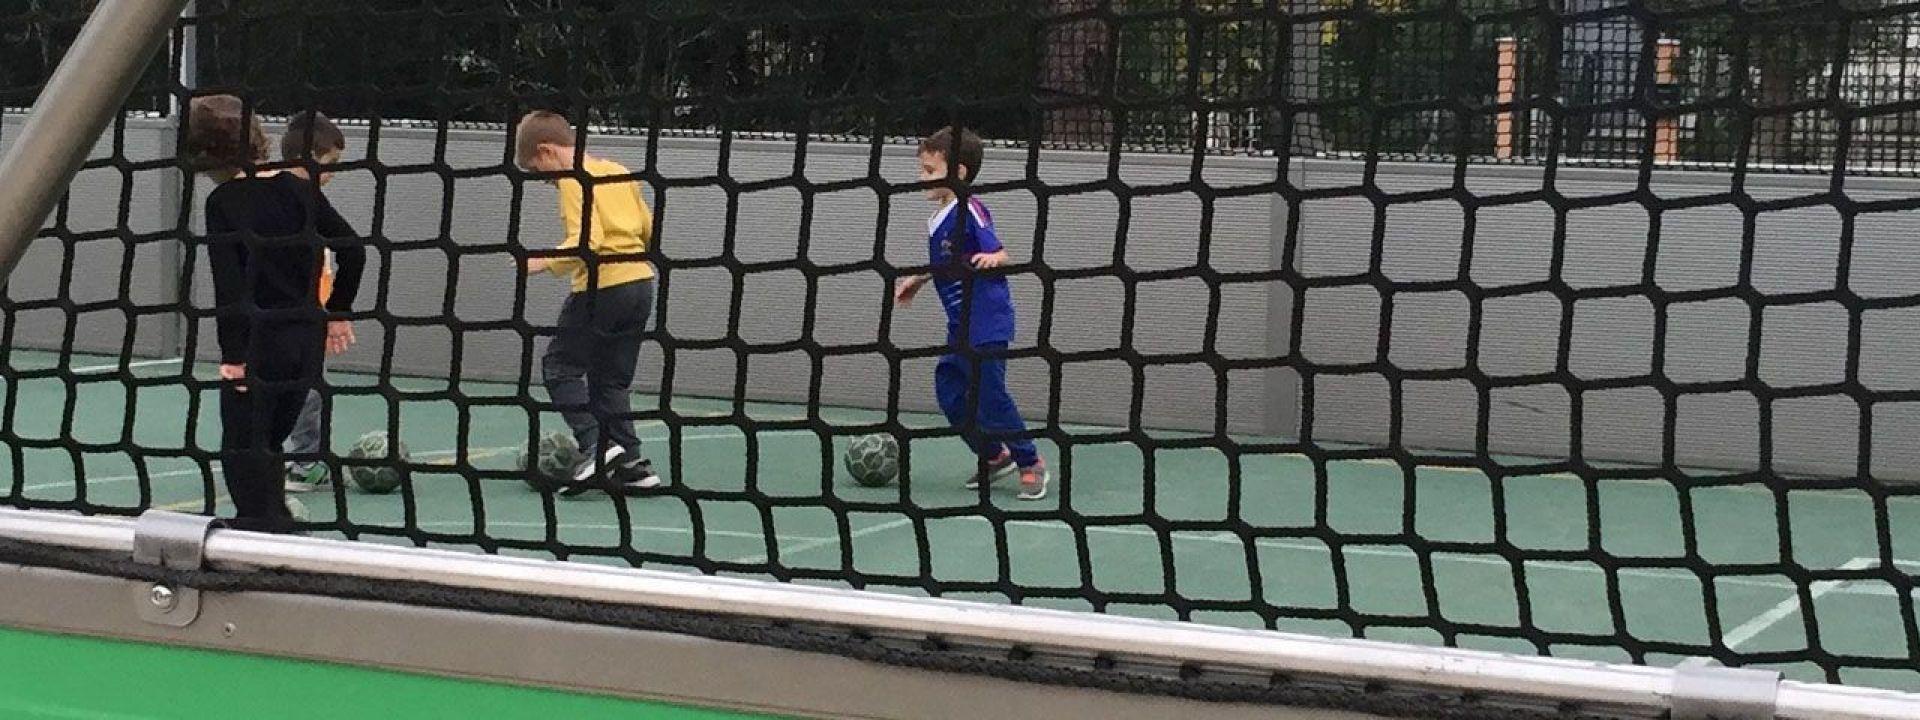 Φωτογραφία από παιδιά που παίζουν ποδόσφαιρο σε κλειστό γήπεδο στο ΚΠΙΣΝ